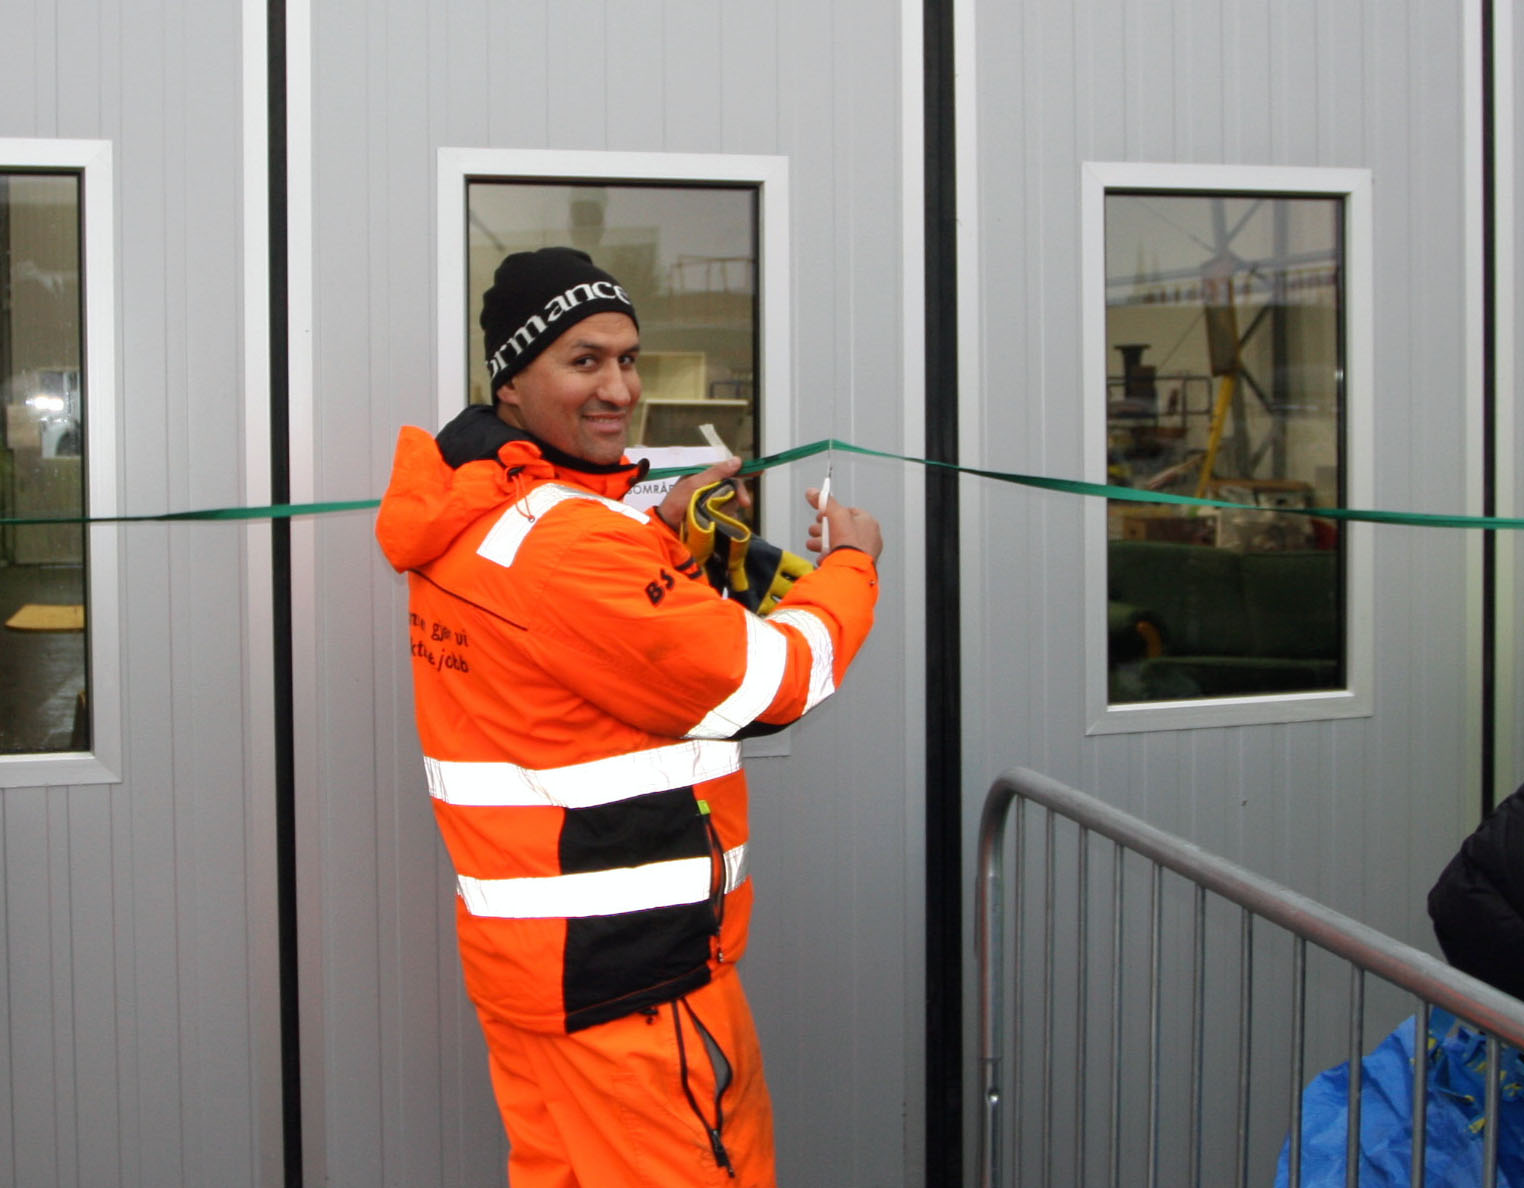 Quai Mastola klipper snora presis kl 12 og erklærer gjenbruksteltet er åpnet...